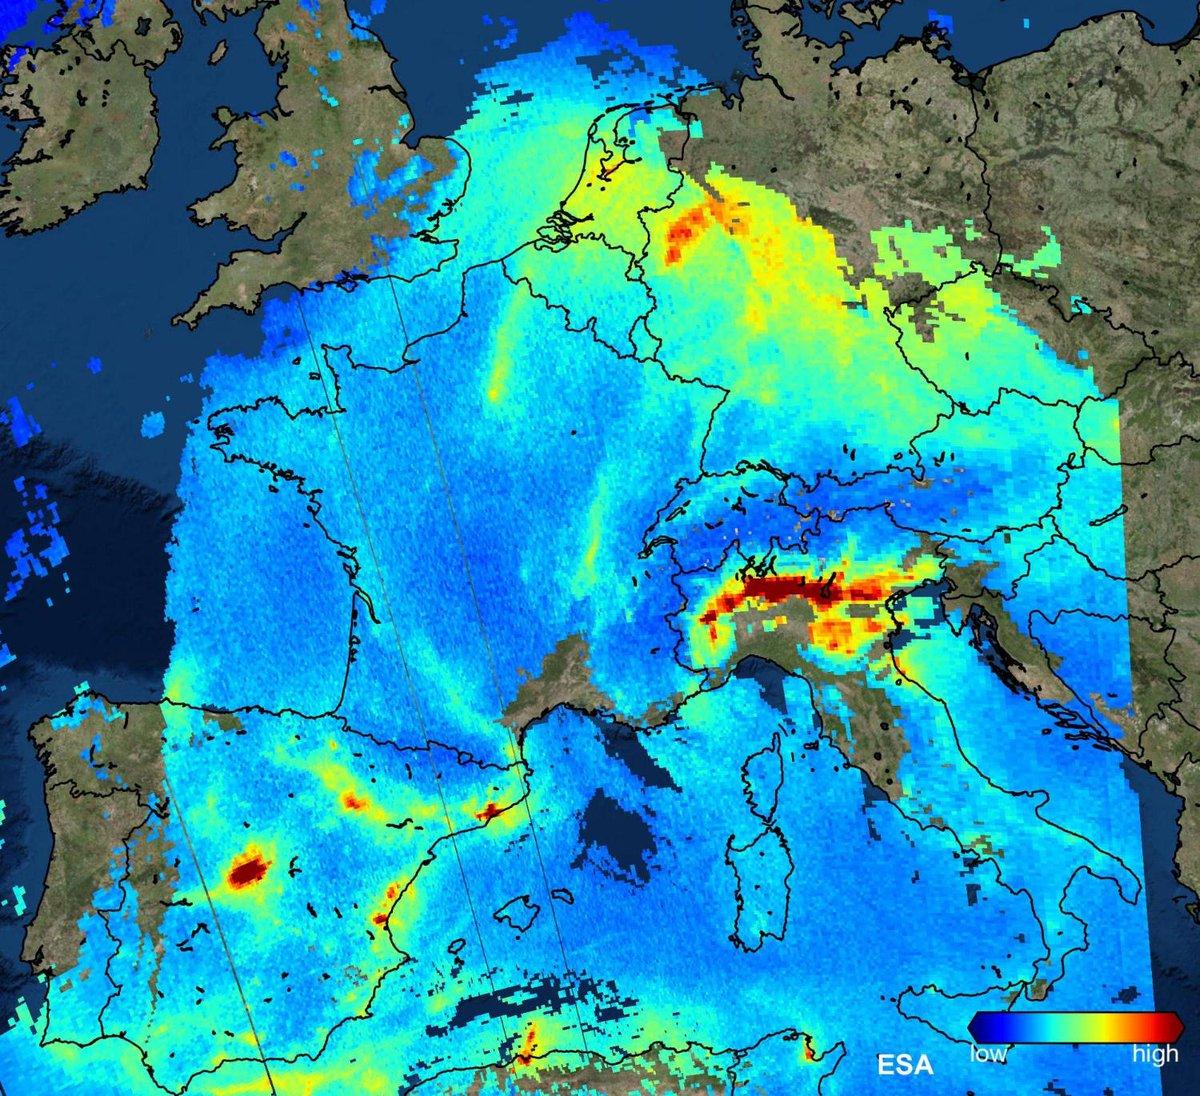 Στον χάρτη καταγράφεται η παρουσία του διοξειδίου του αζώτου στην ατμόσφαιρα της Δυτικής Ευρώπης στις 22 Νοεμβρίου. Κάτω δεξιά στην εικόνα υπάρχει μια μπάρα που δείχνει μέσω των χρωματικών αλλαγών τα επίπεδα του διοξειδίου του άνθρακα σε κάθε περιοχή. Credit: Copernicus Sentinel data (2017) - ESA/SRON